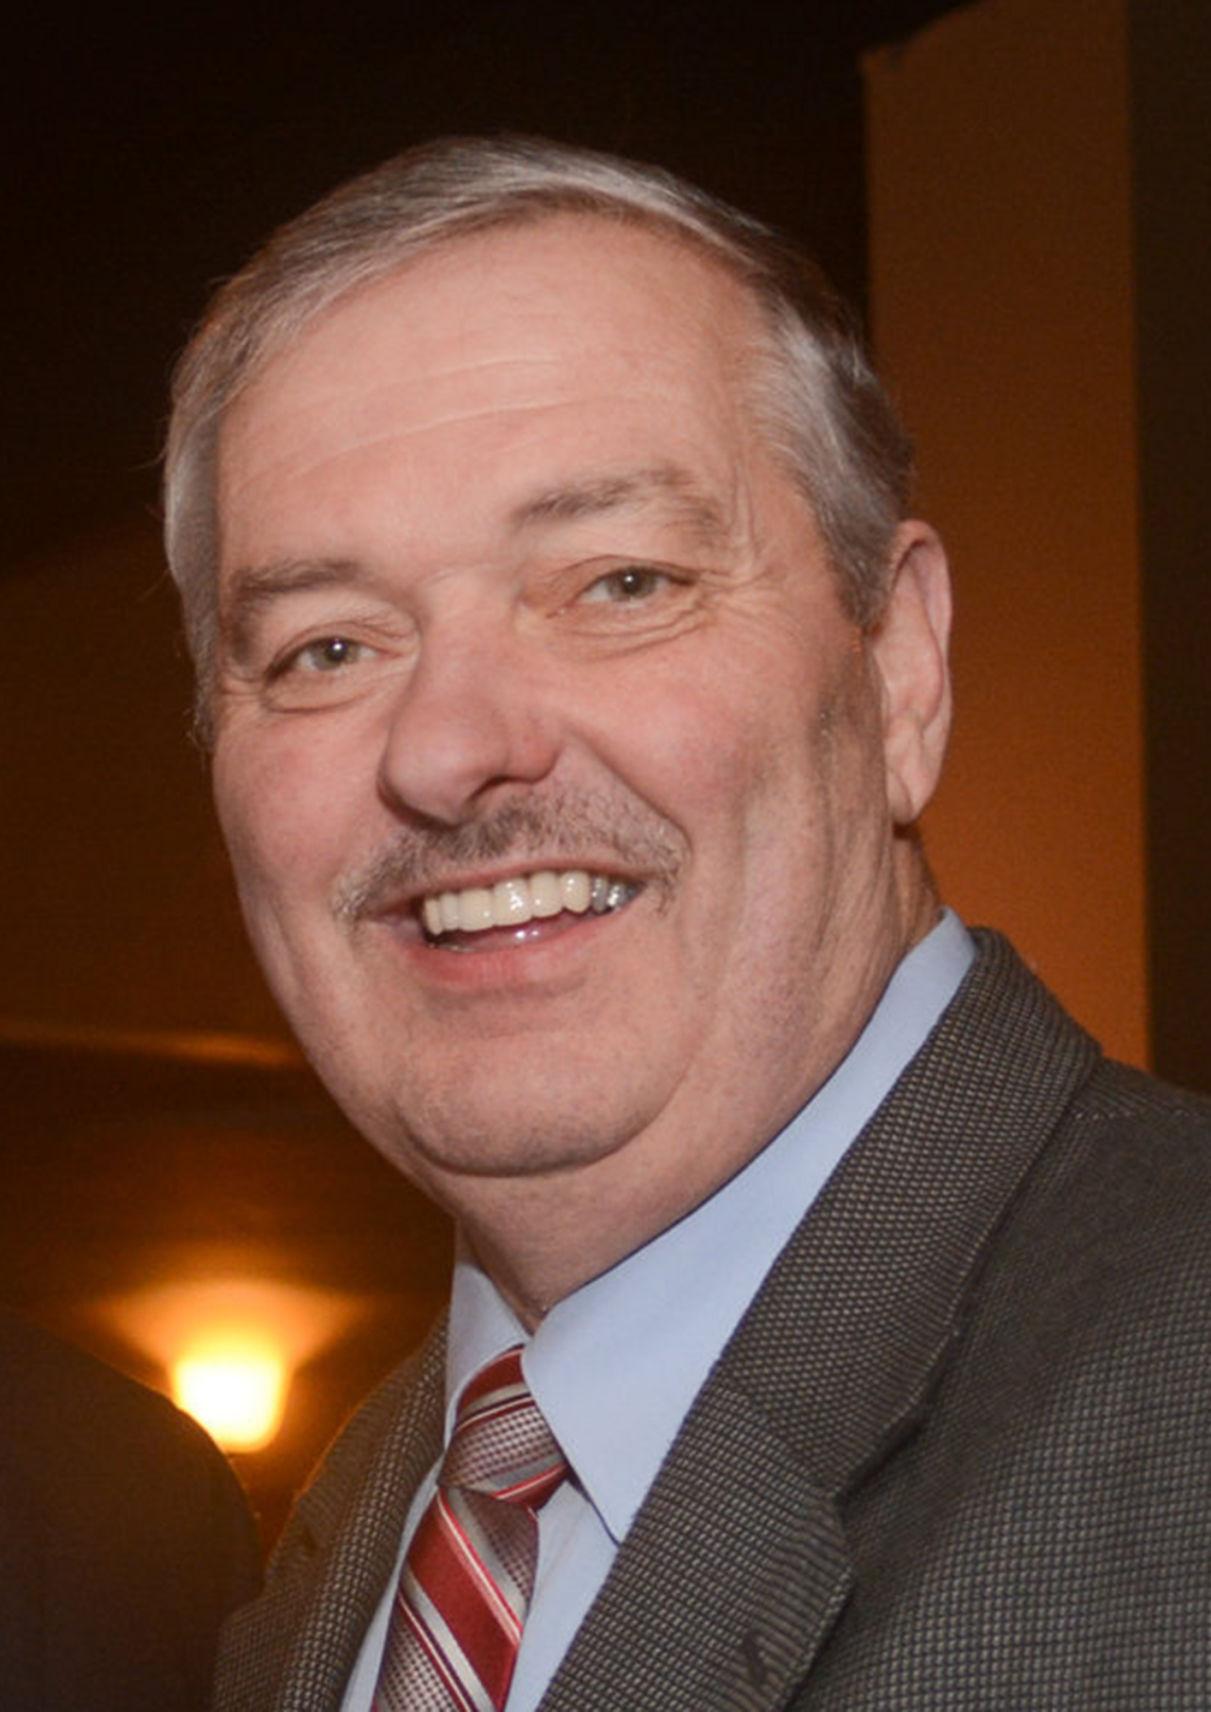 James Muldowney